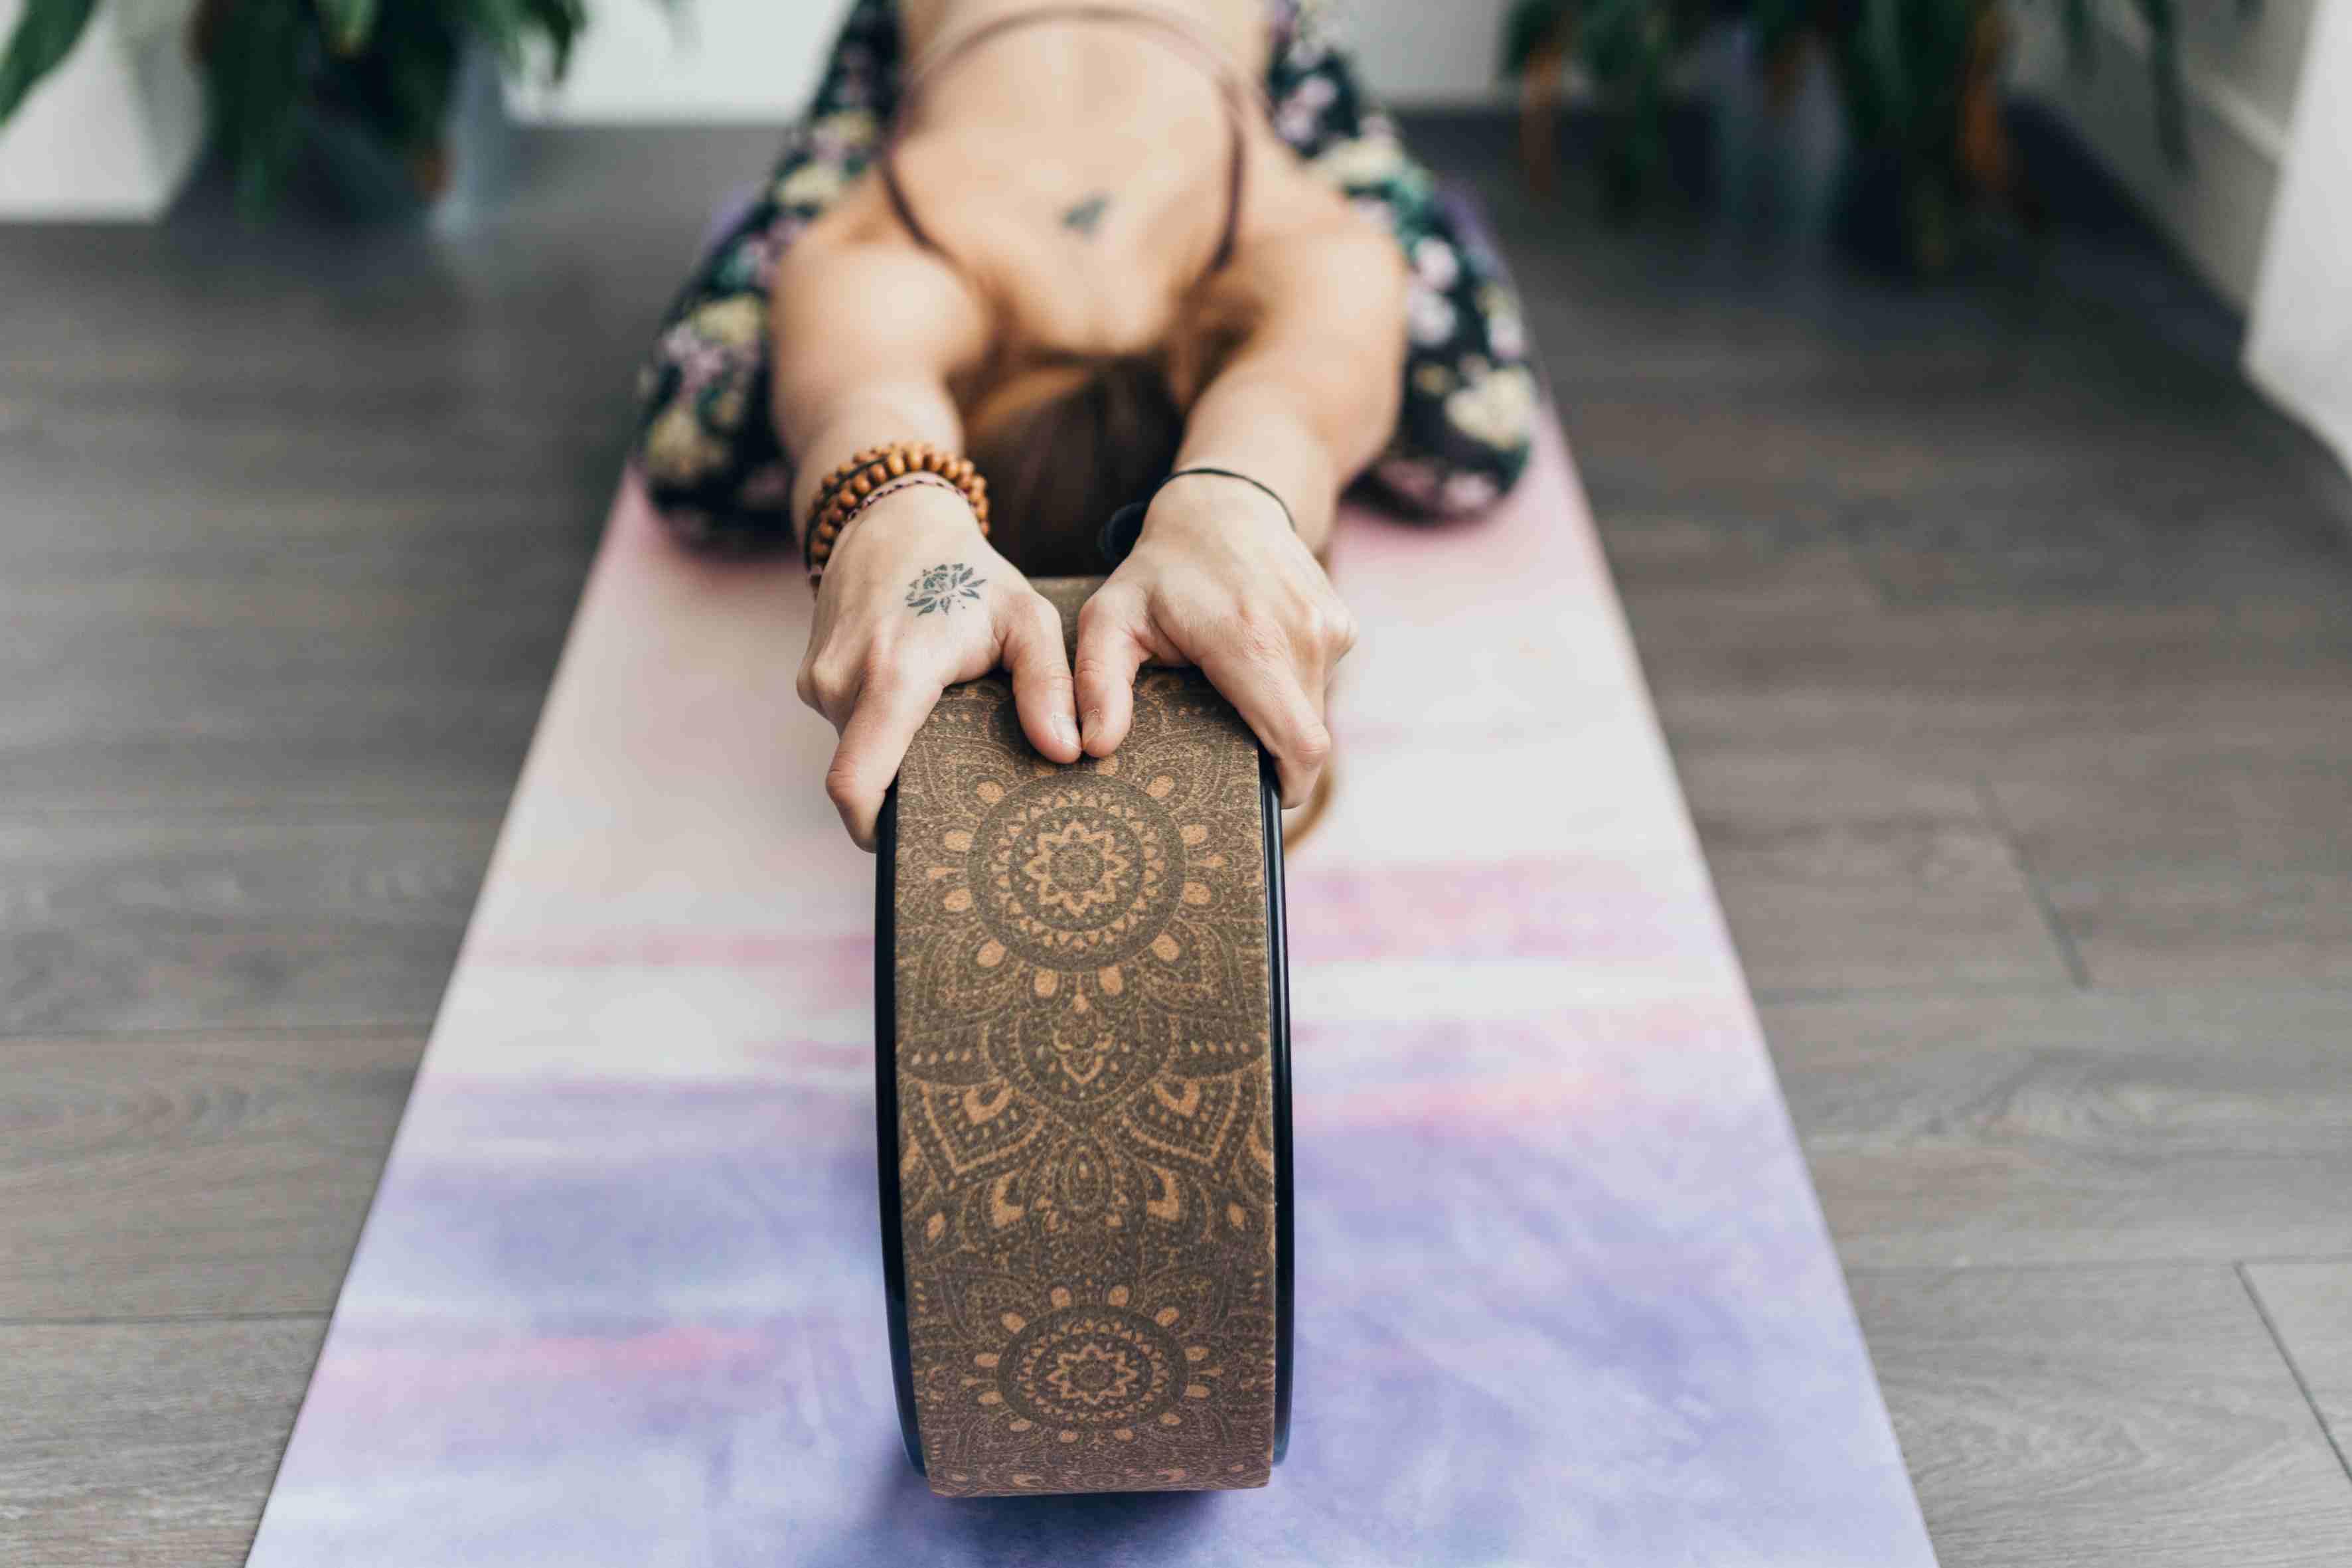 postura del niño de la rueda de yoga